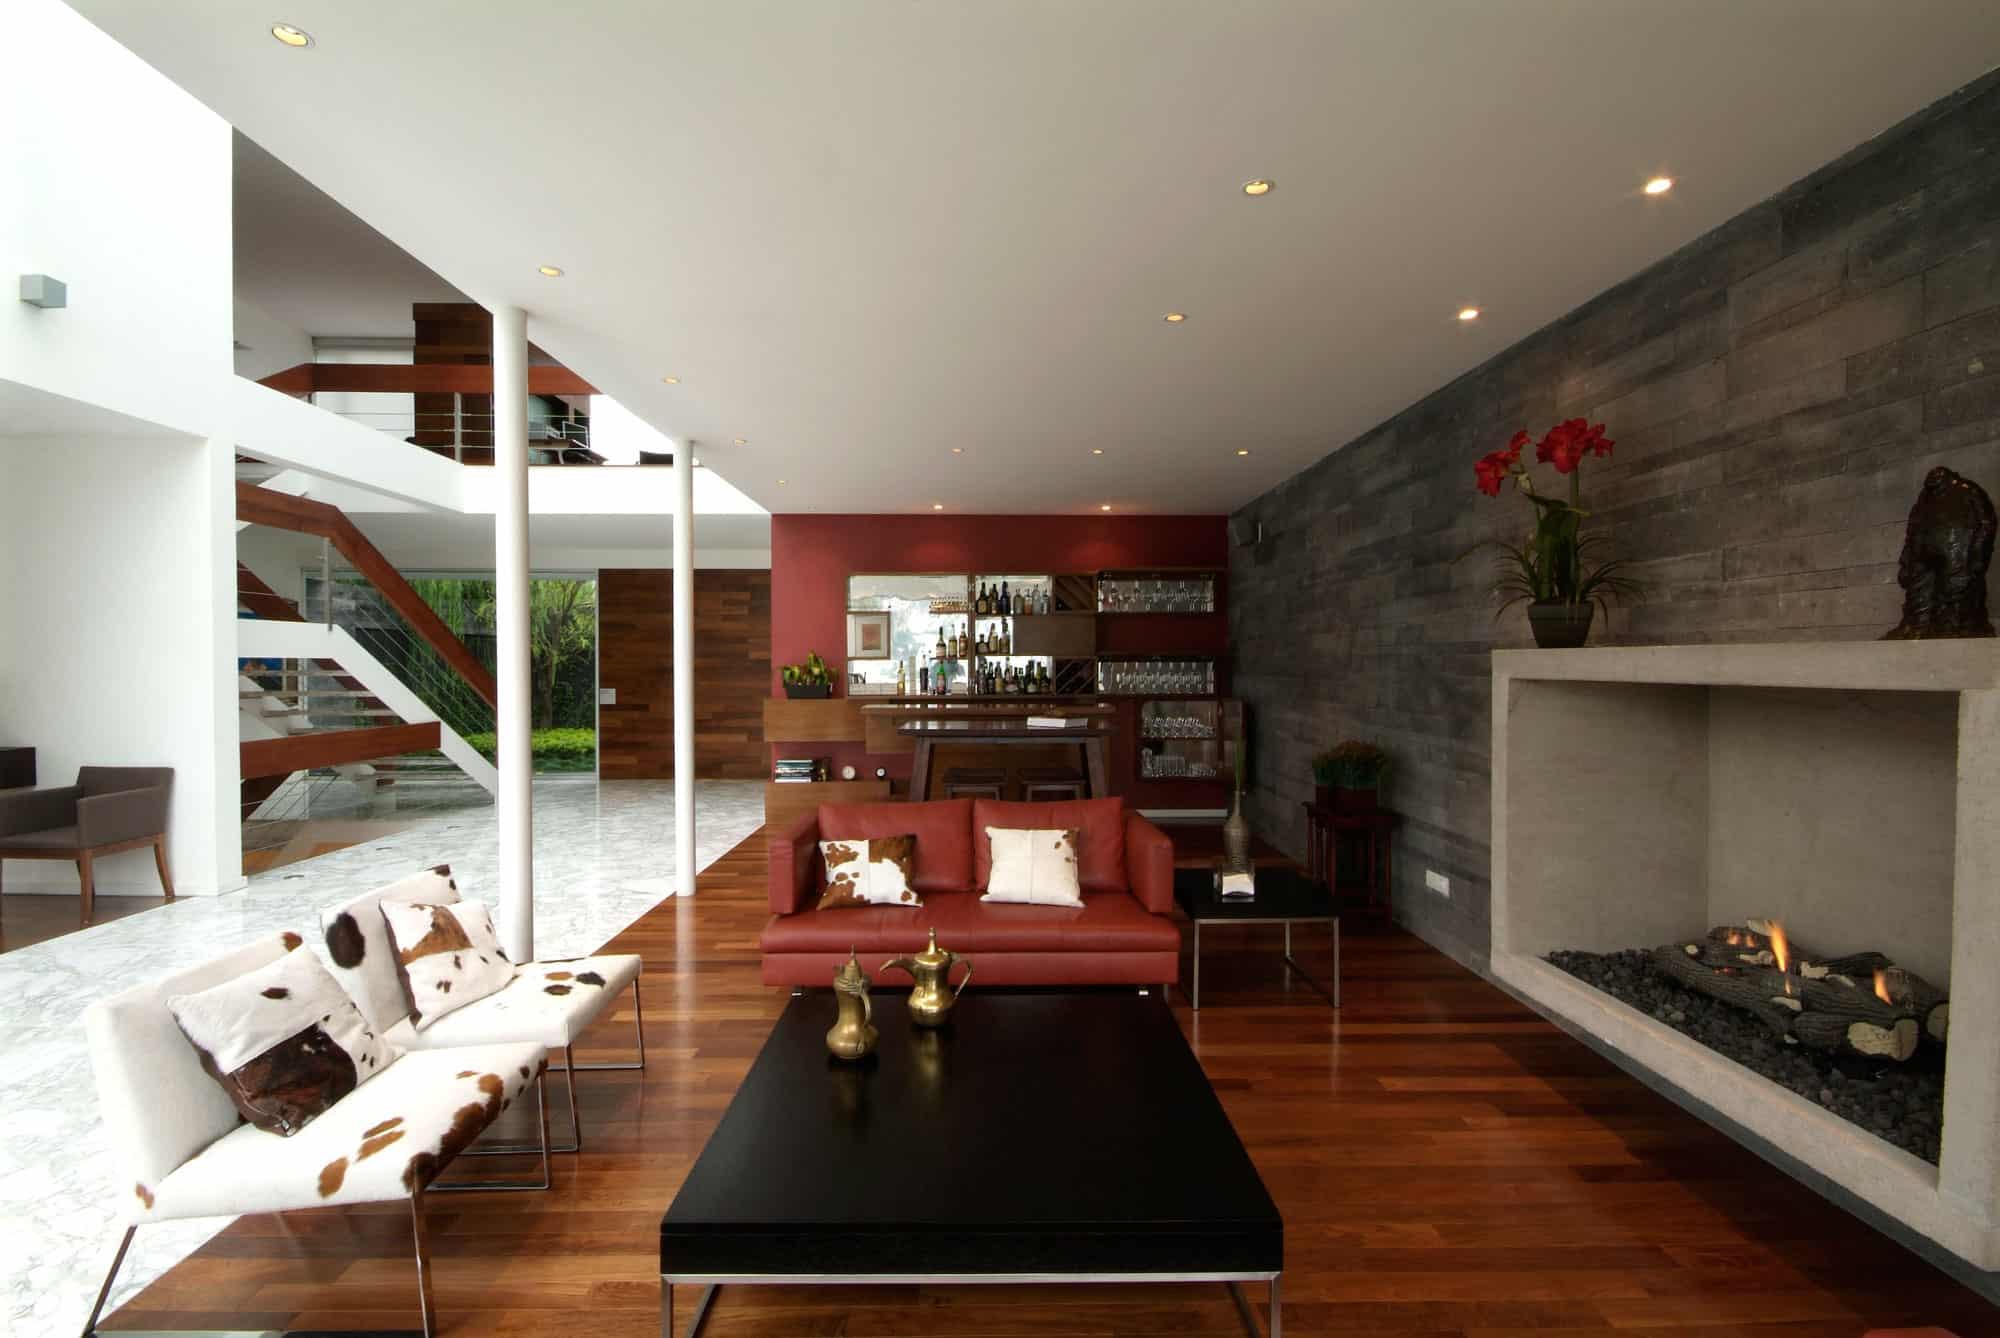 Casa a p by din interiorismo